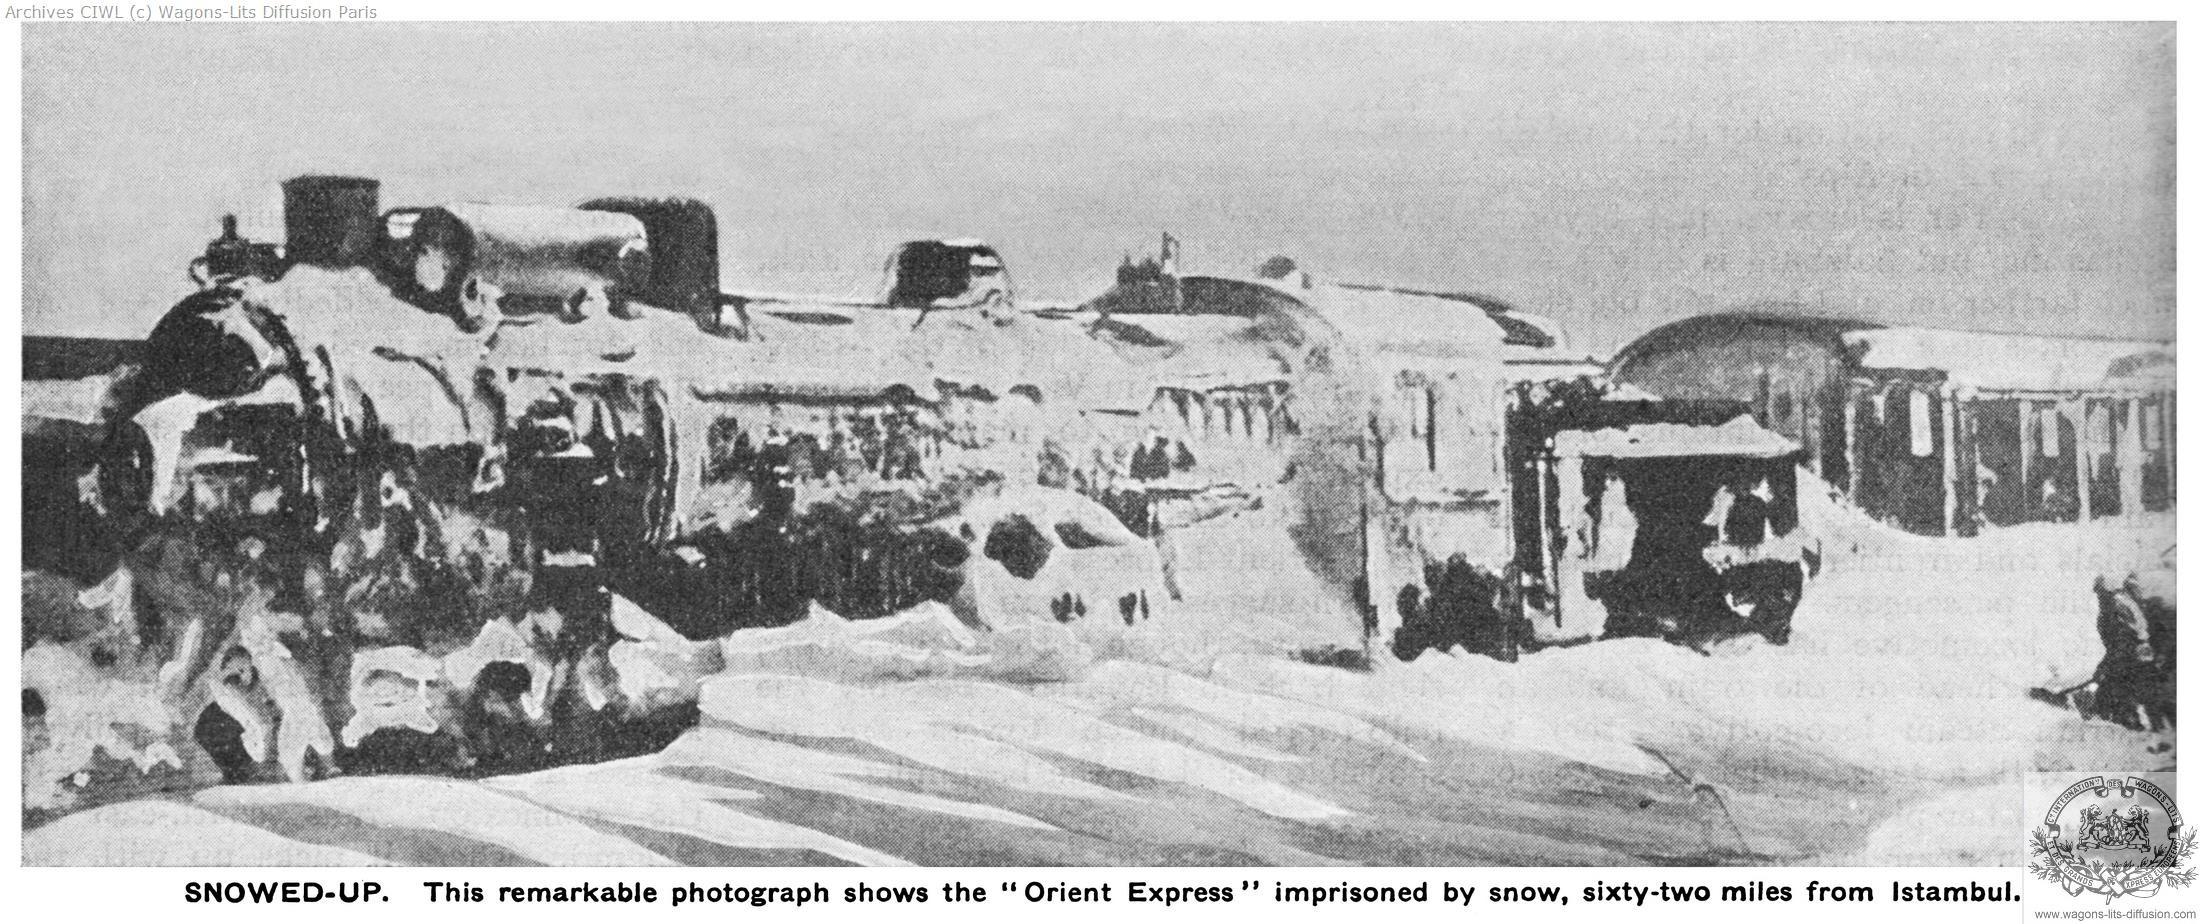 Wl orient express snowbound outside istambul rww 1935